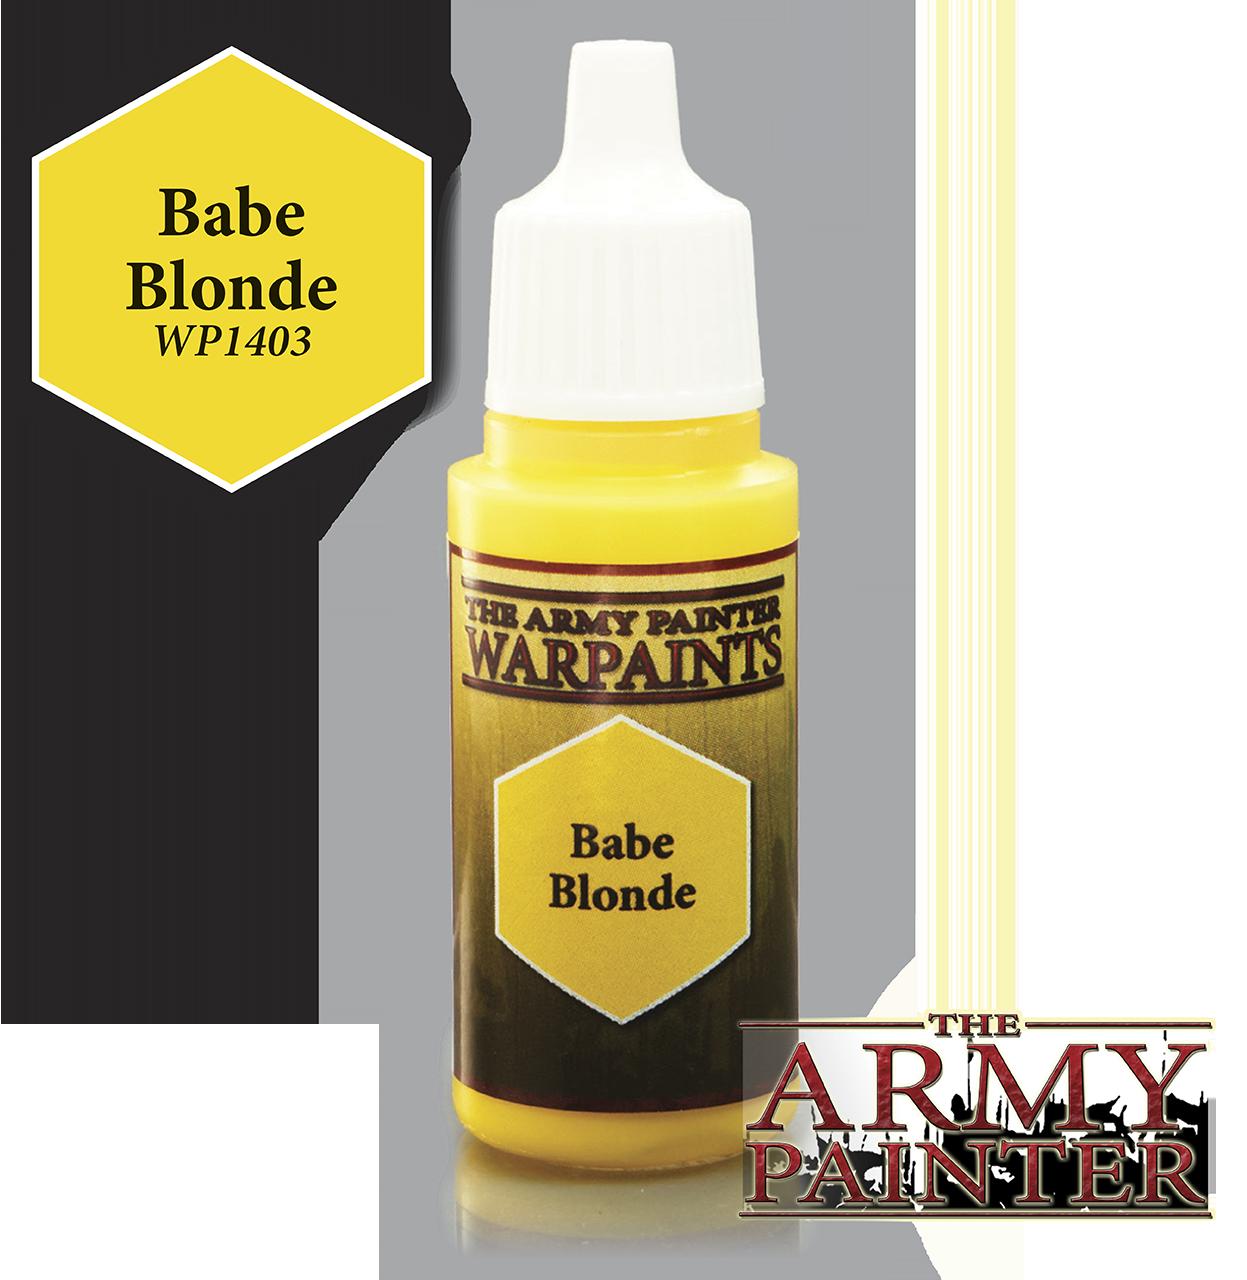 Babe Blonde